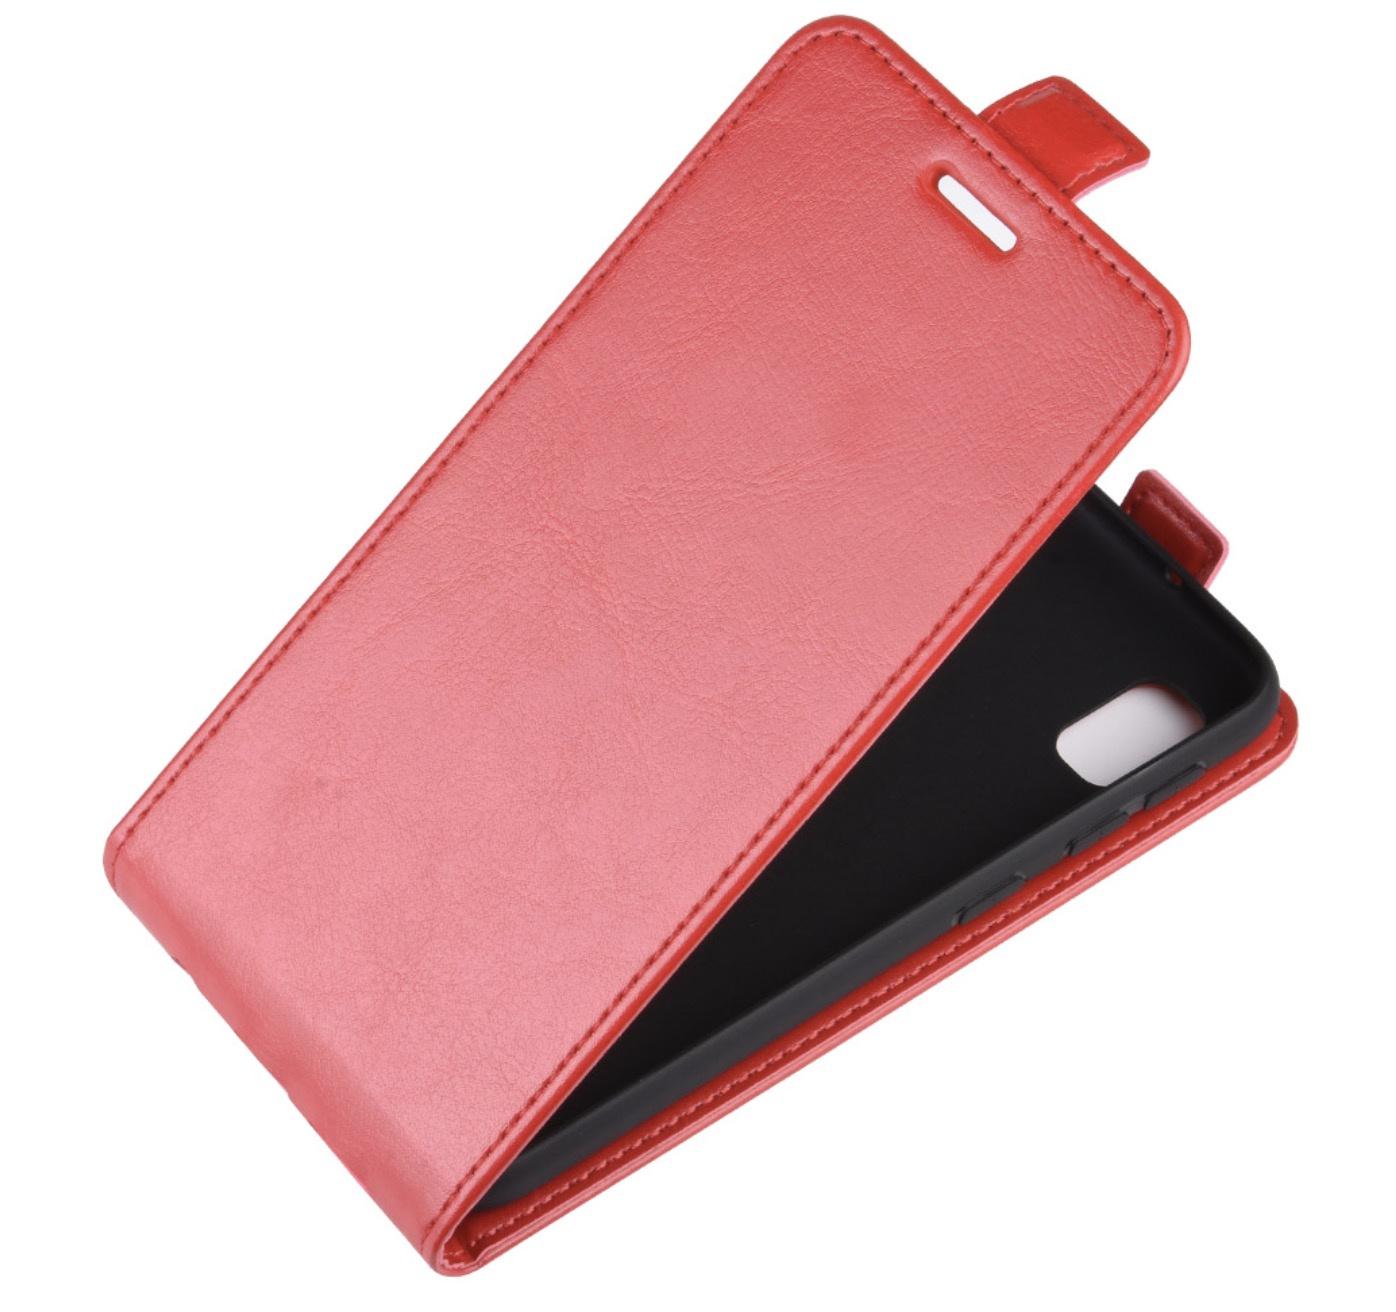 Чехол-флип MyPads для Nokia Lumia 920 вертикальный откидной розовый стоимость